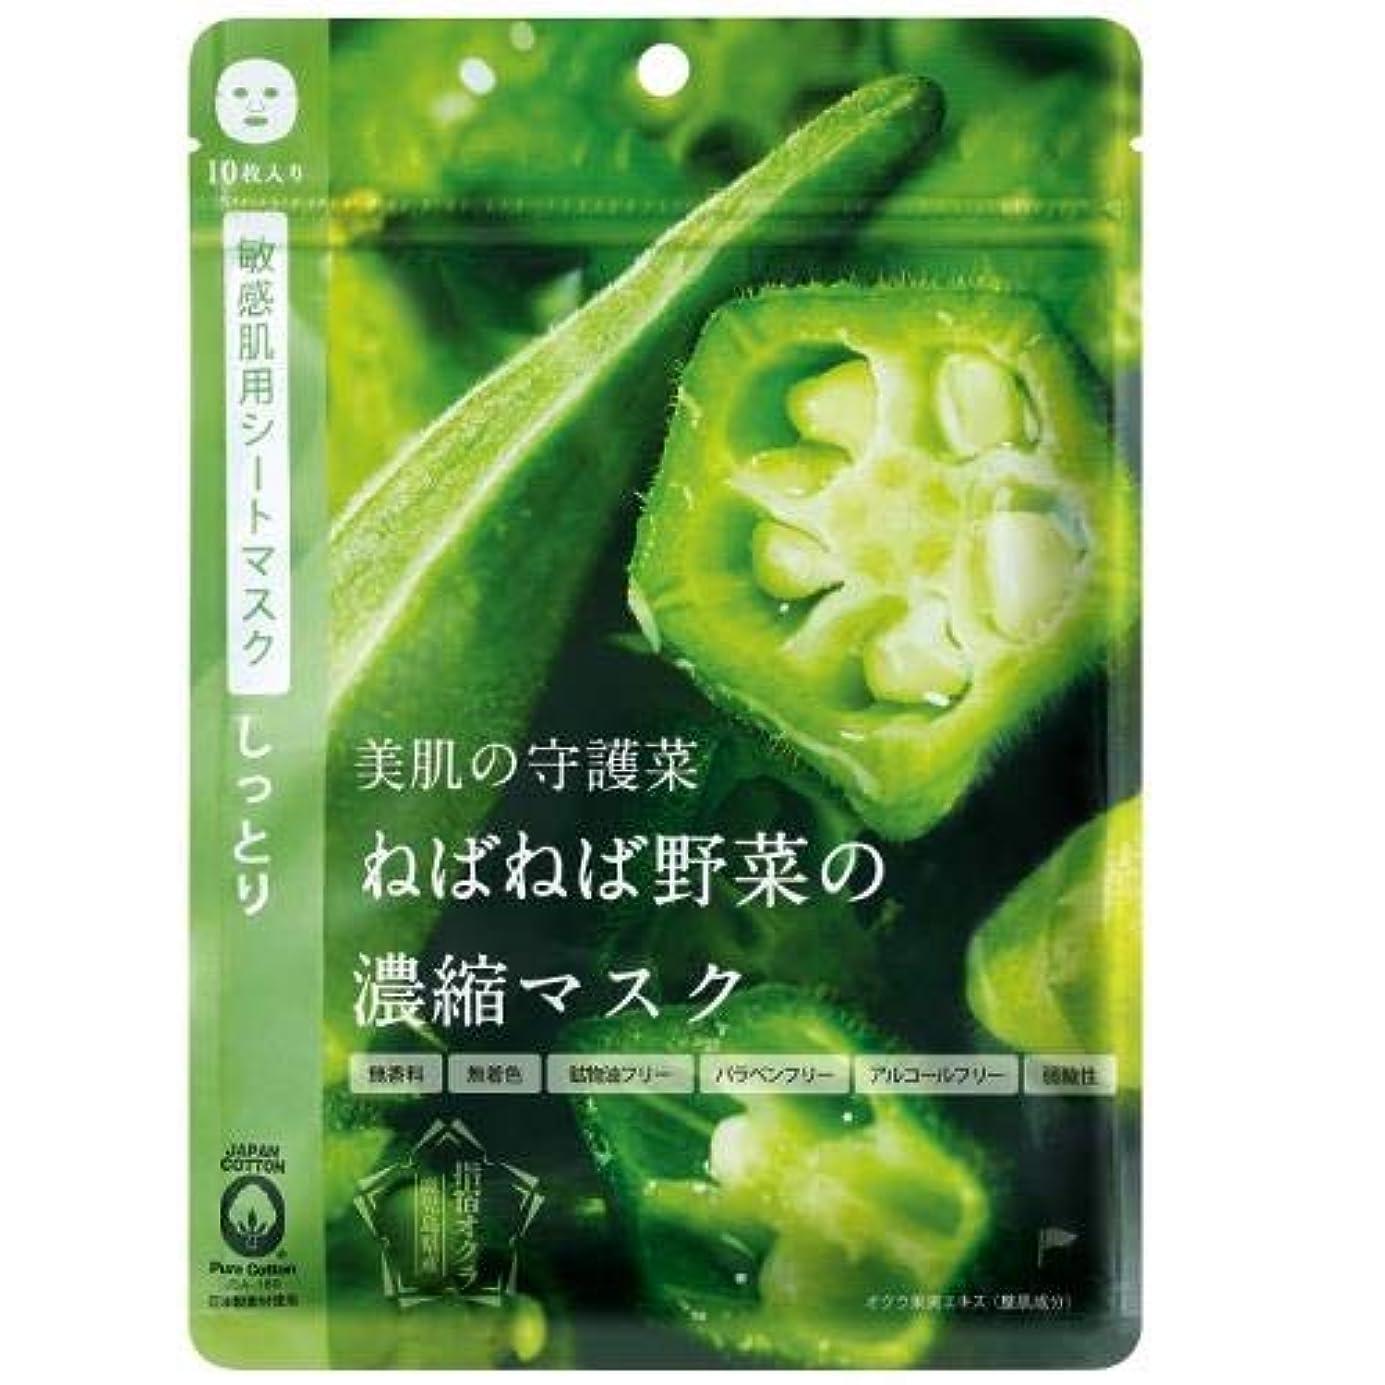 免疫する和代表するアイメーカーズ @cosme nippon (アットコスメニッポン) 美肌の守護菜 ねばねば野菜の濃縮マスク 指宿オクラ 10枚 3個セット